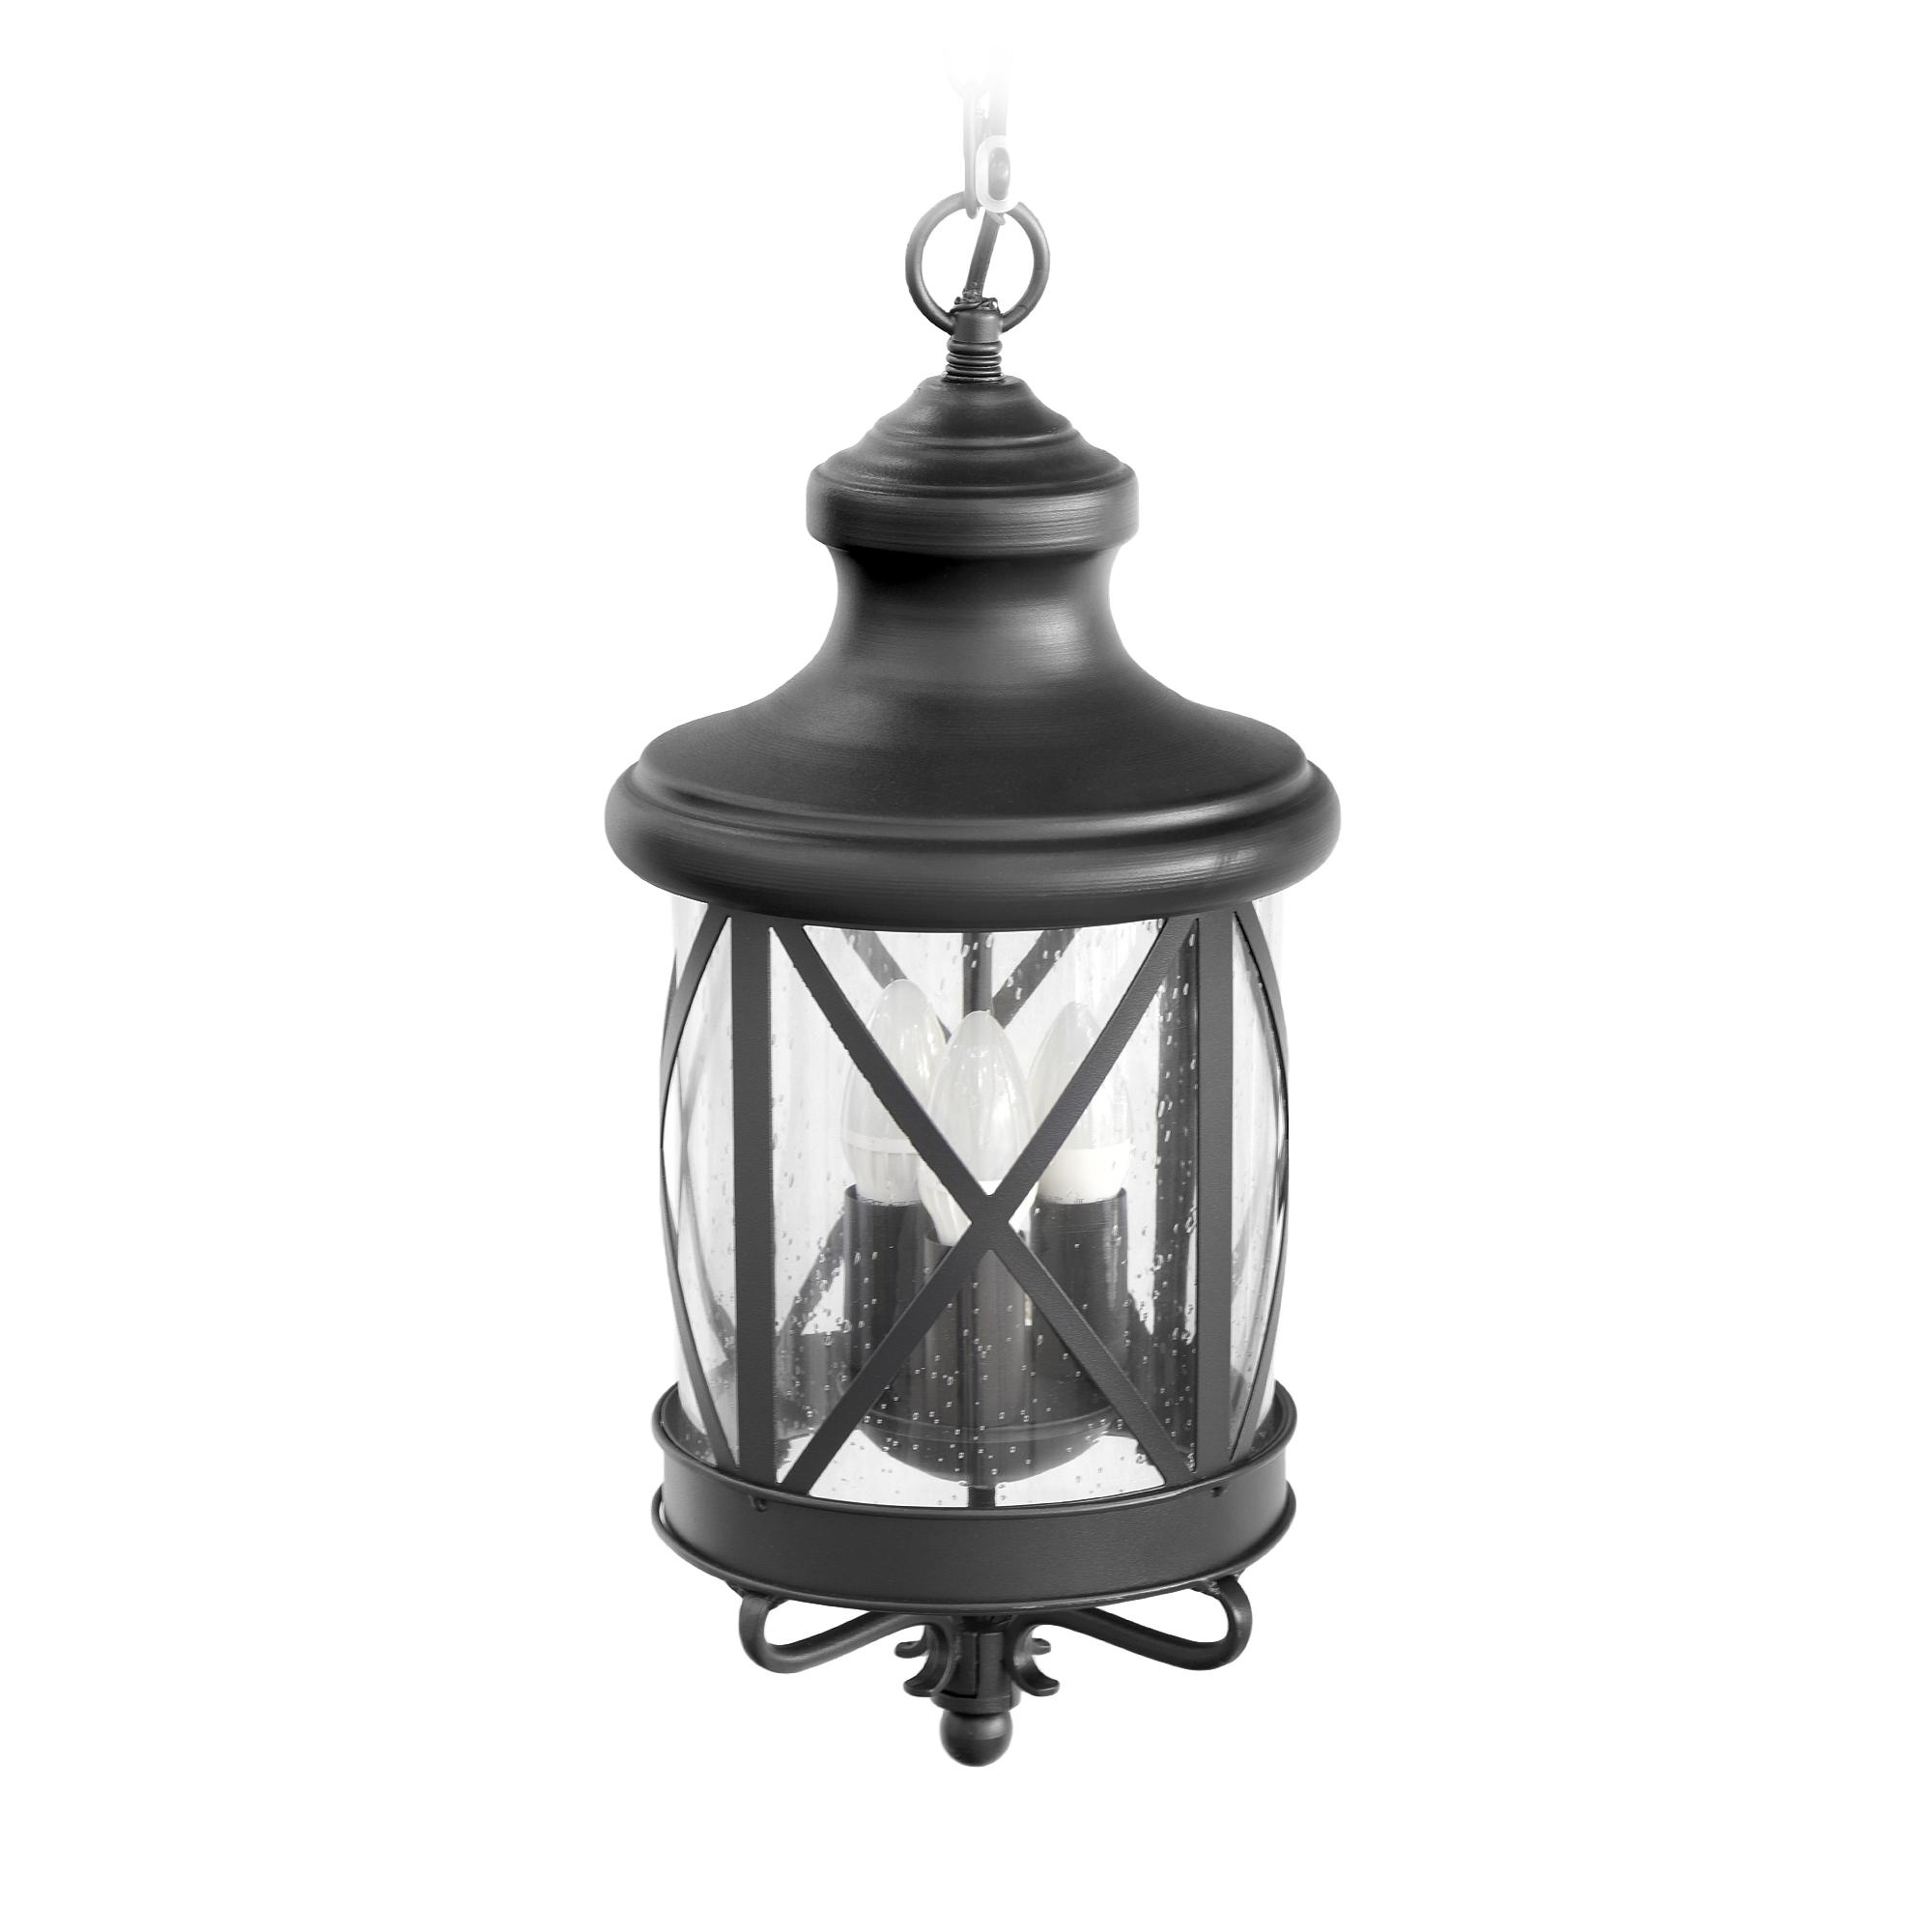 Светильник подвесной Wentai dh-4262m-b e14 подвесной светильник astral agnes 12 ламп